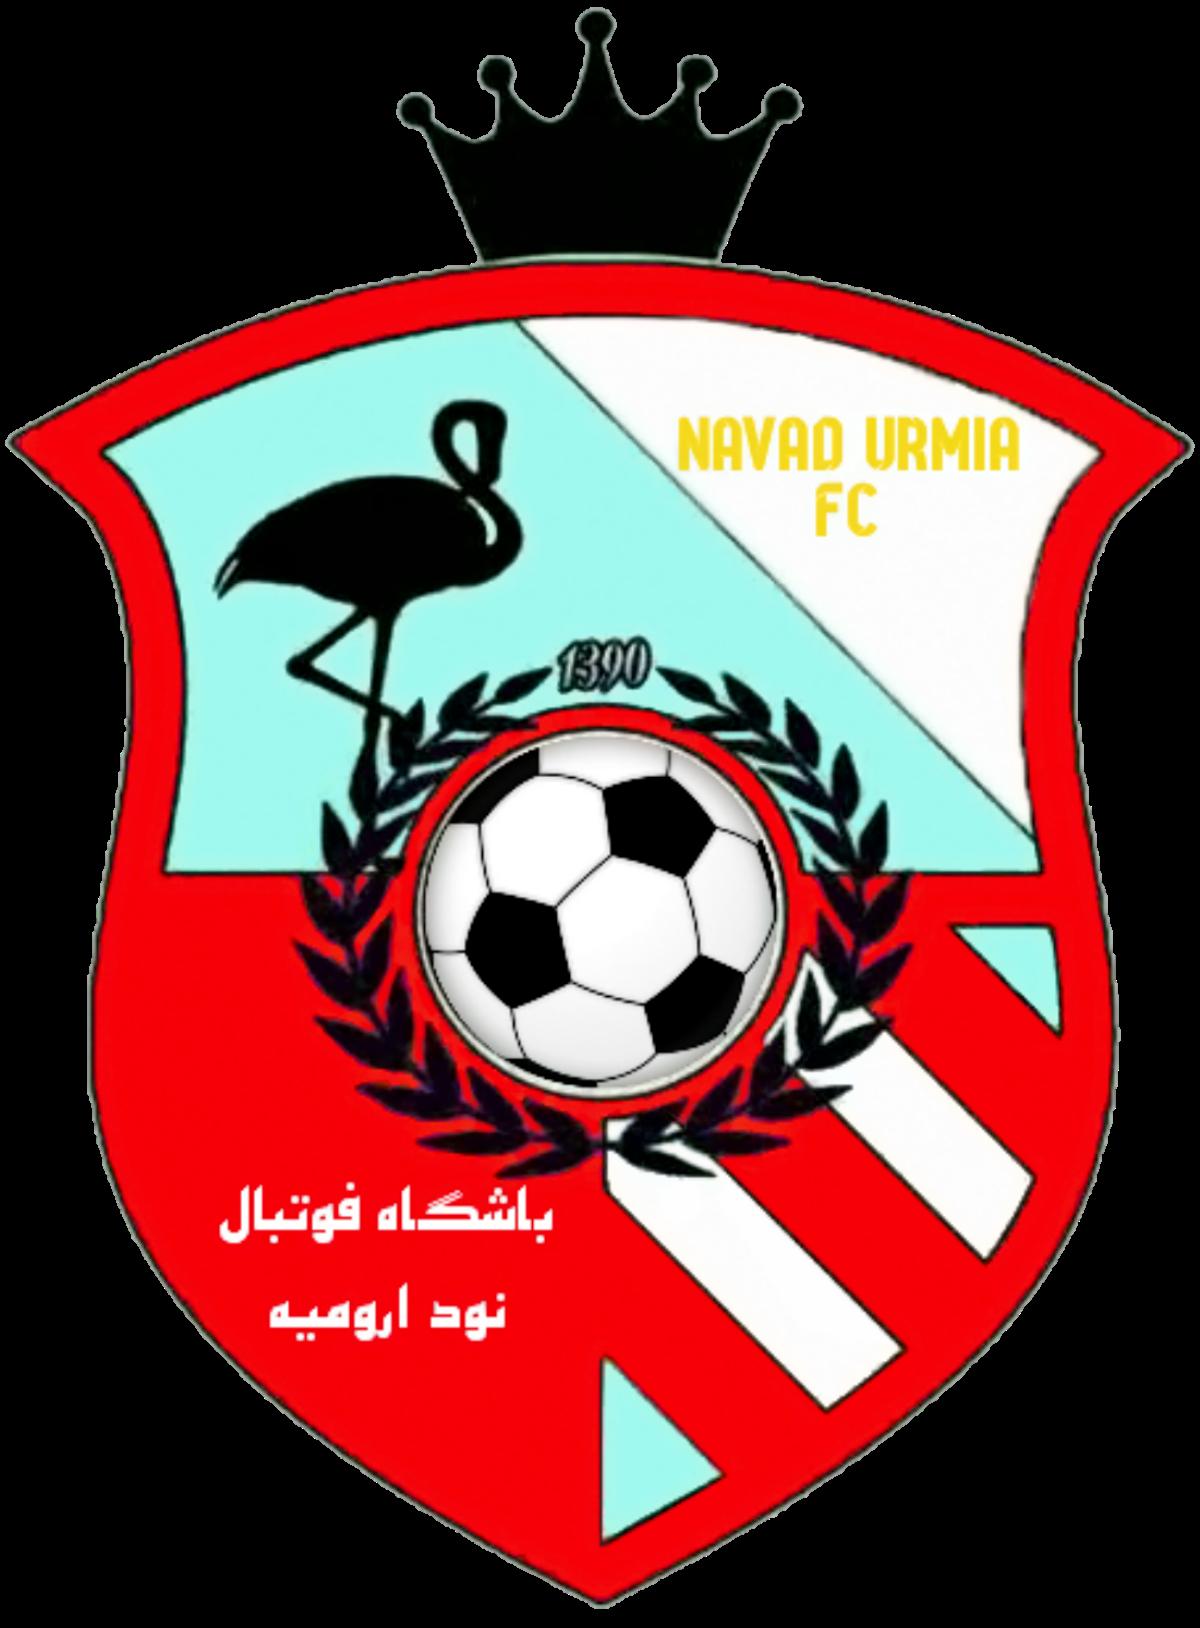 Navad Urmia